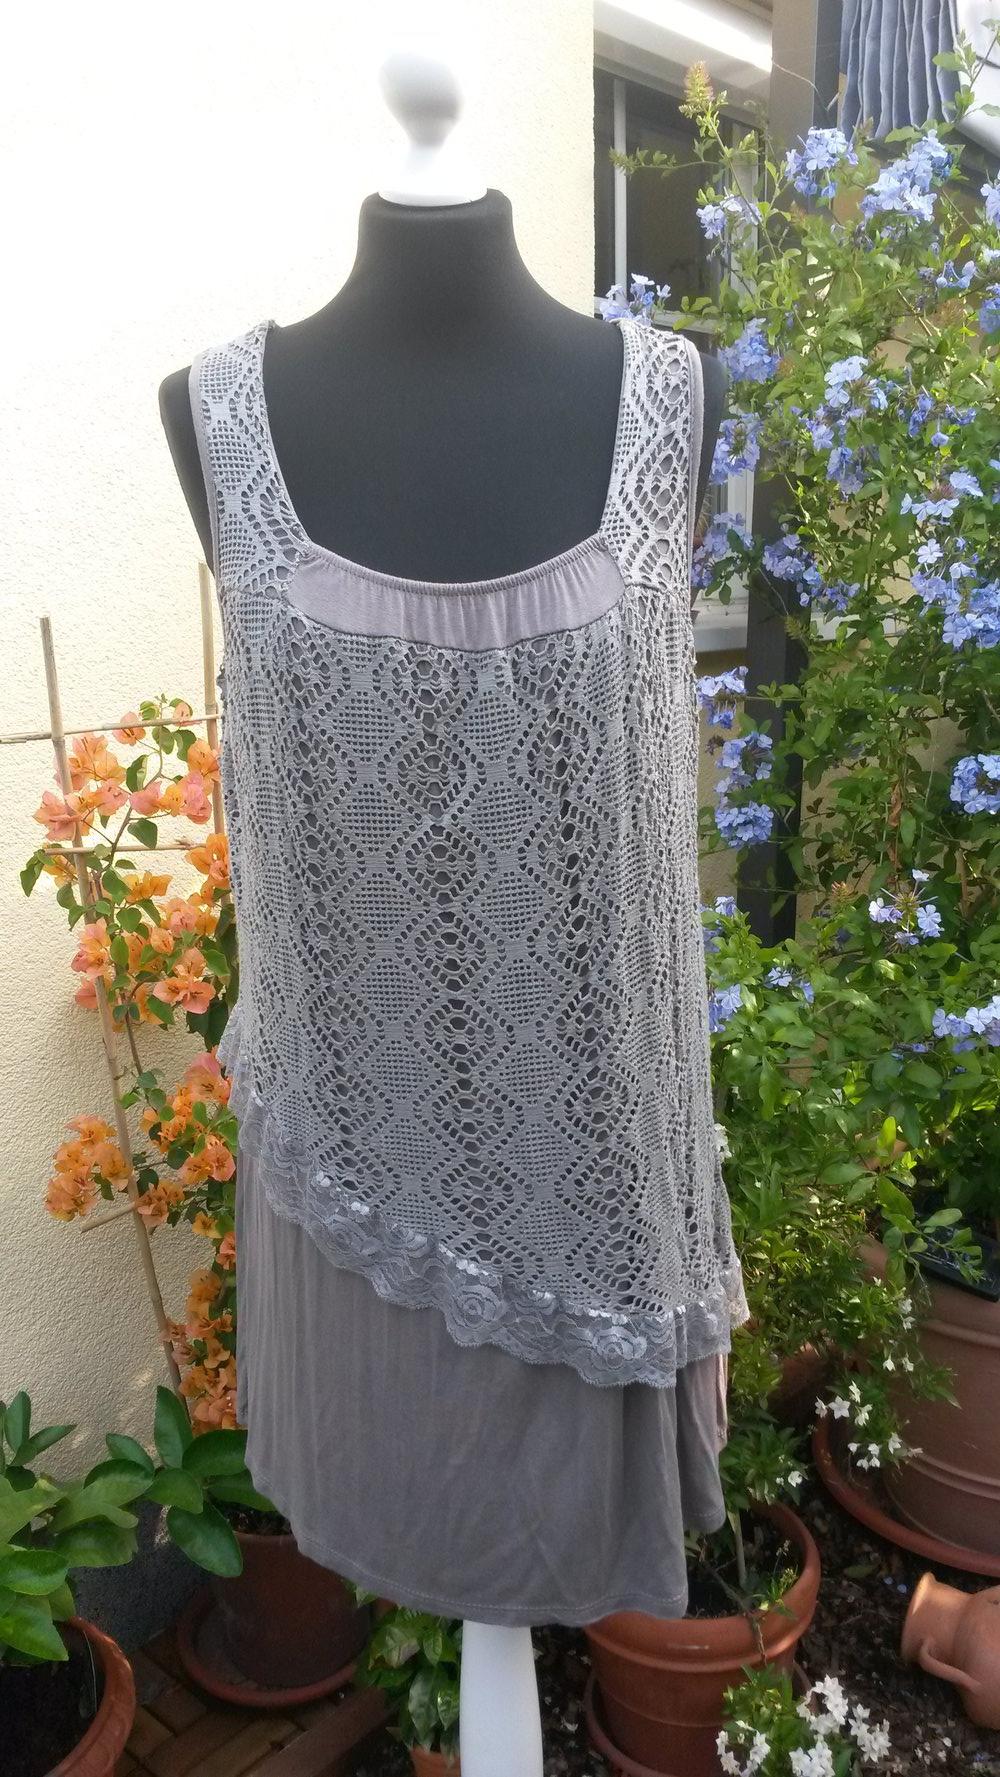 Schlammfarbenes Kleid mit Spitze, Italienische Mode Gr. 12/12/12?